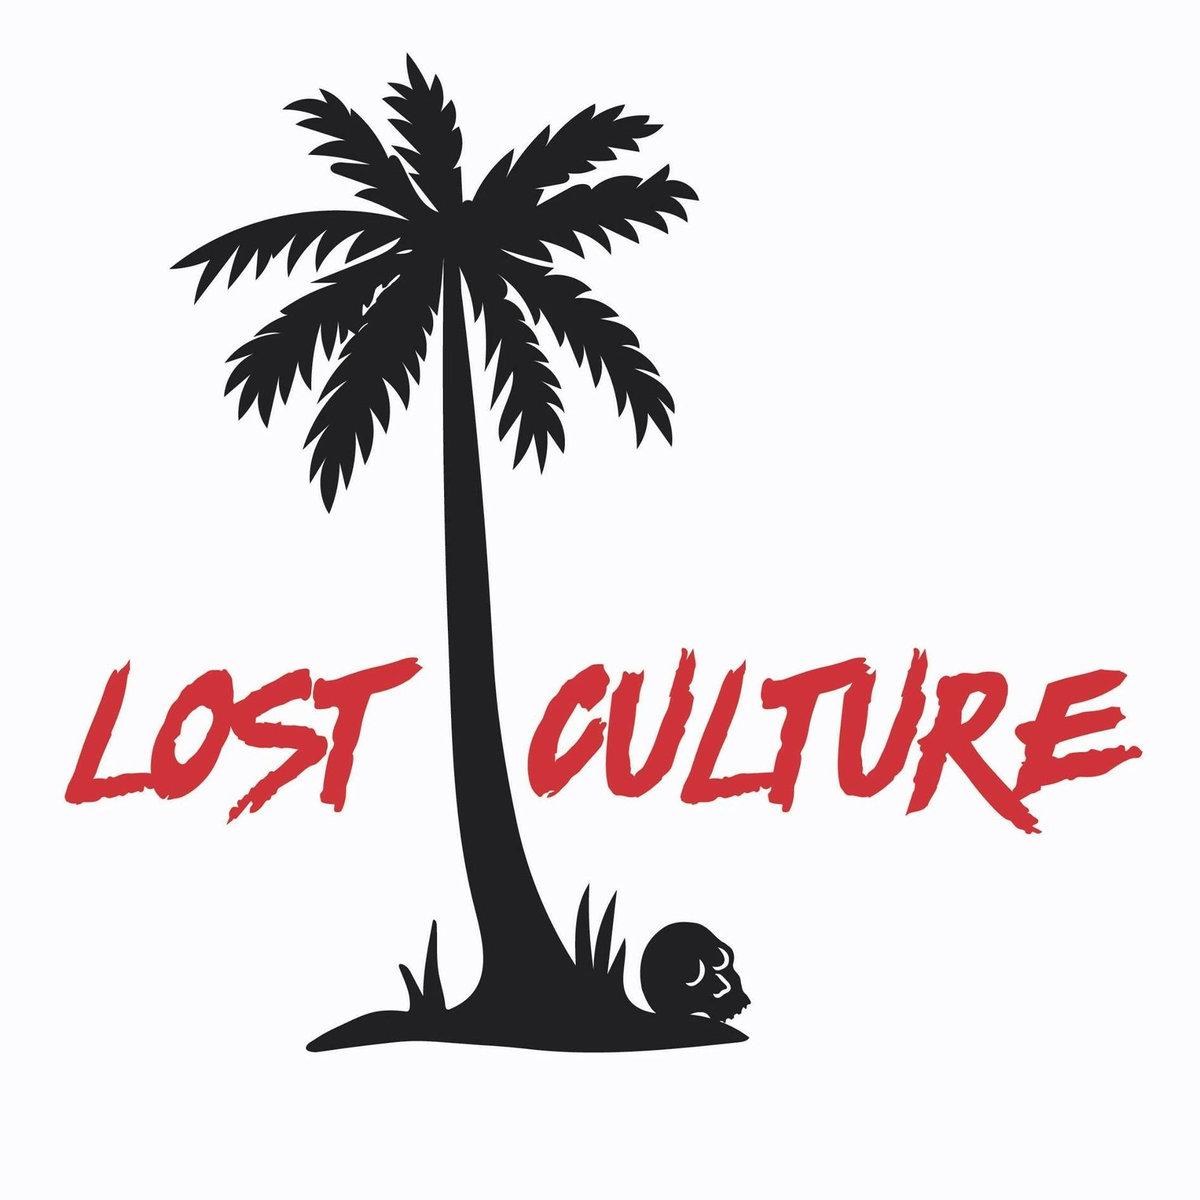 lostculture